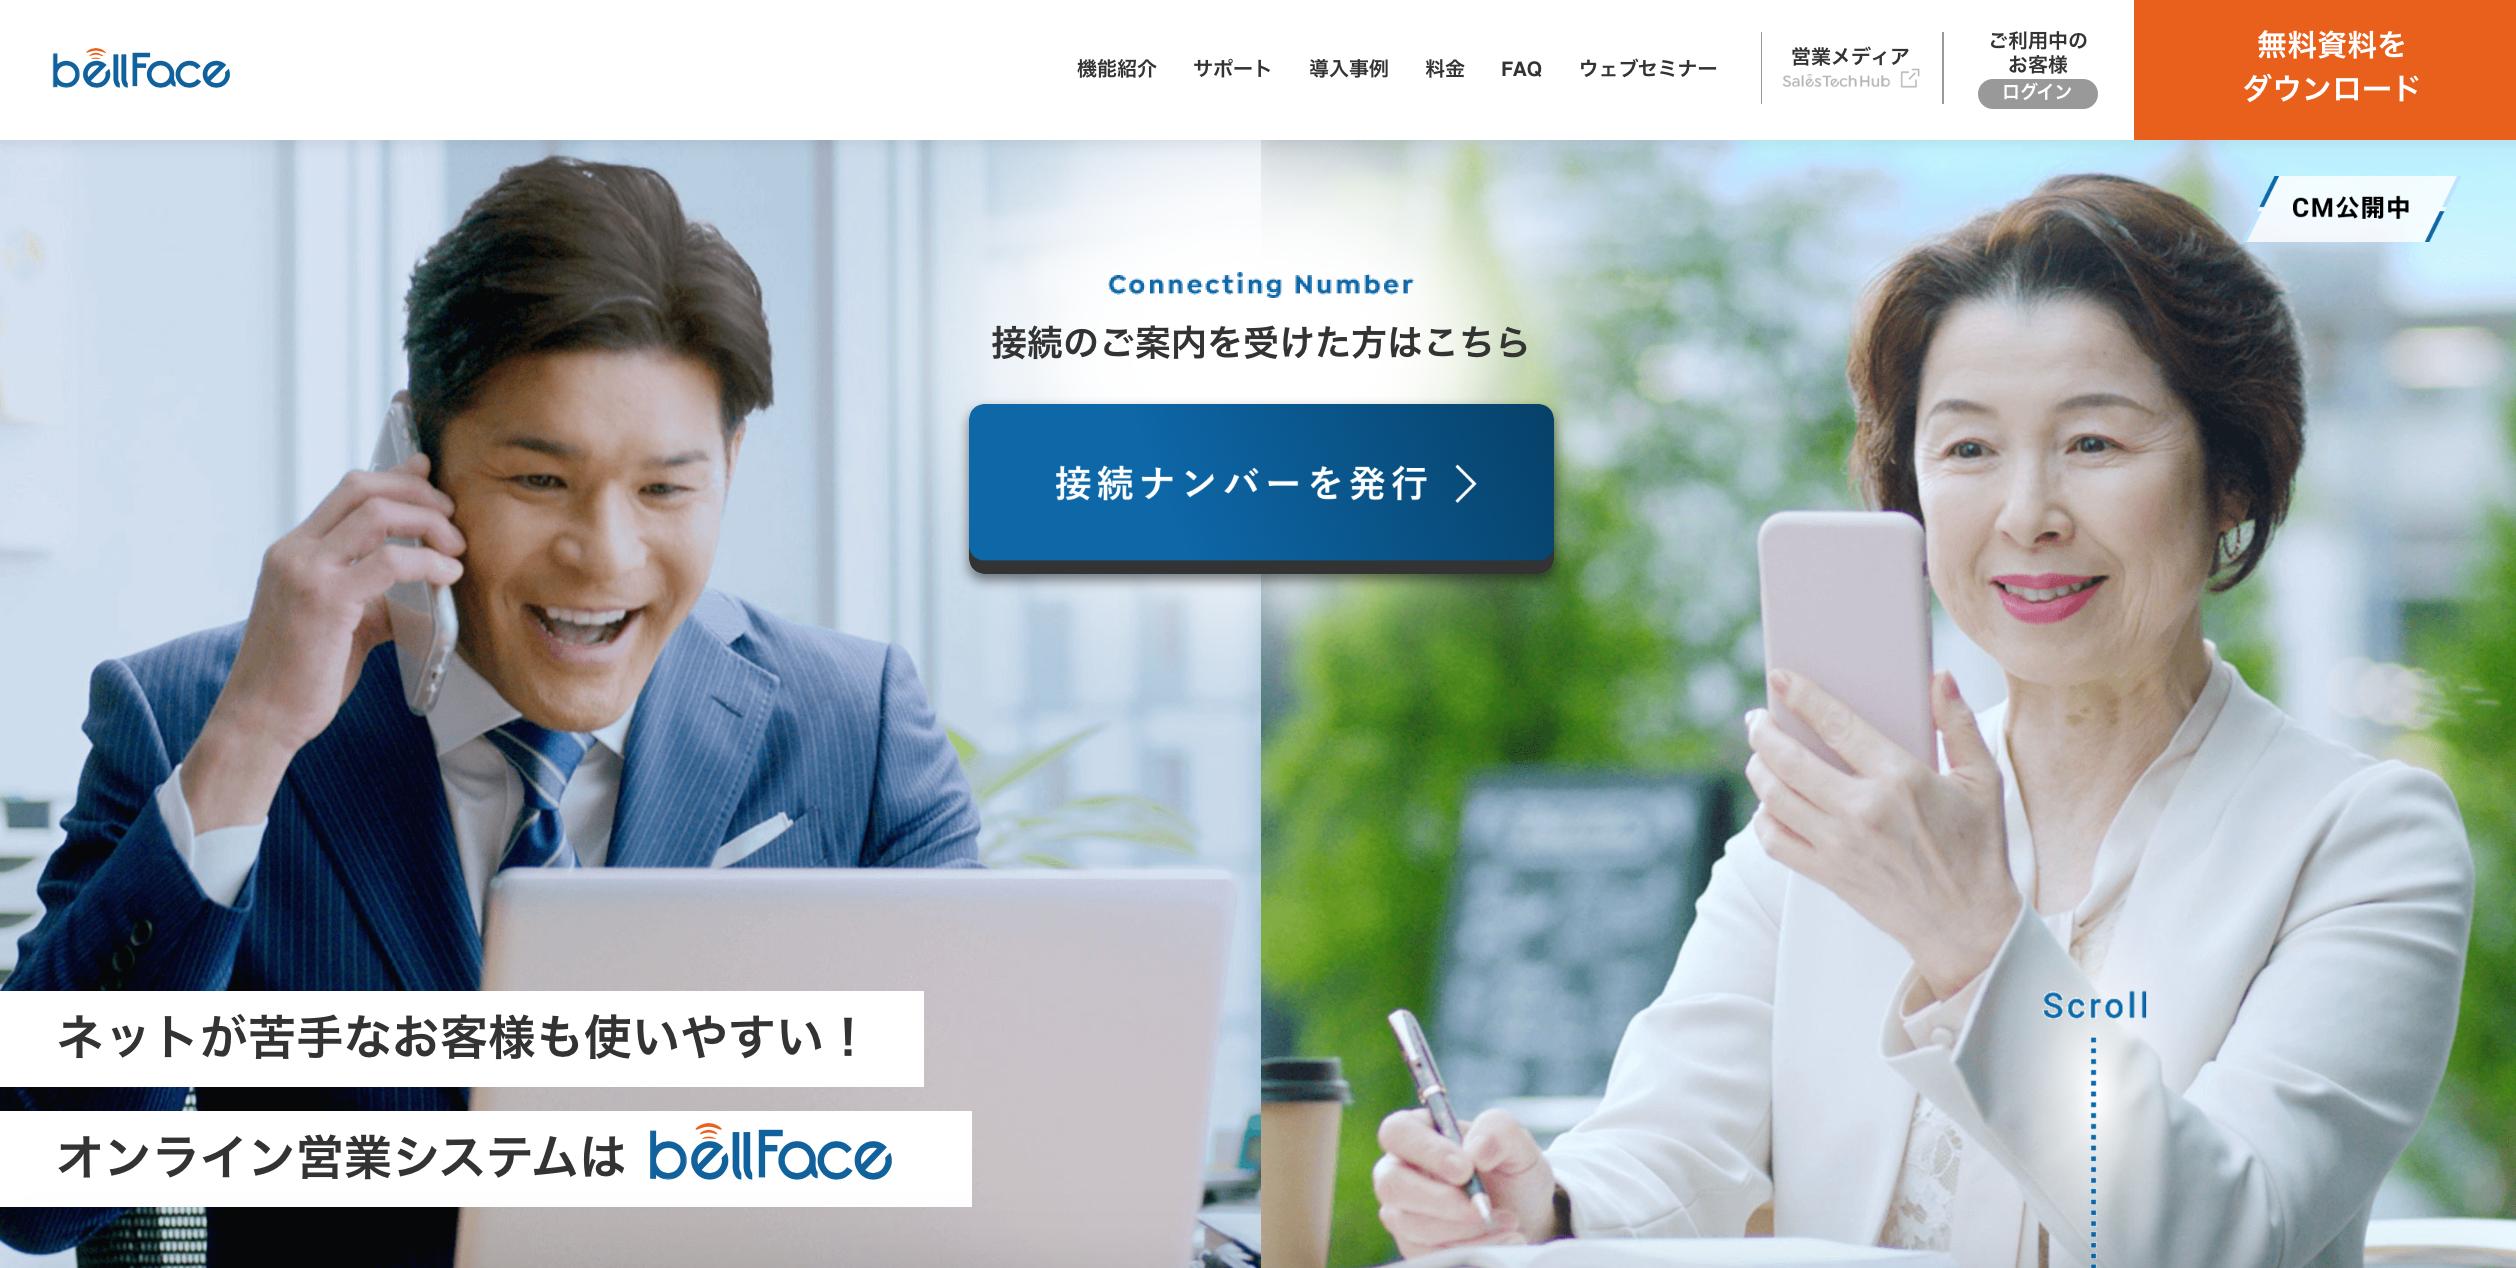 bell-face